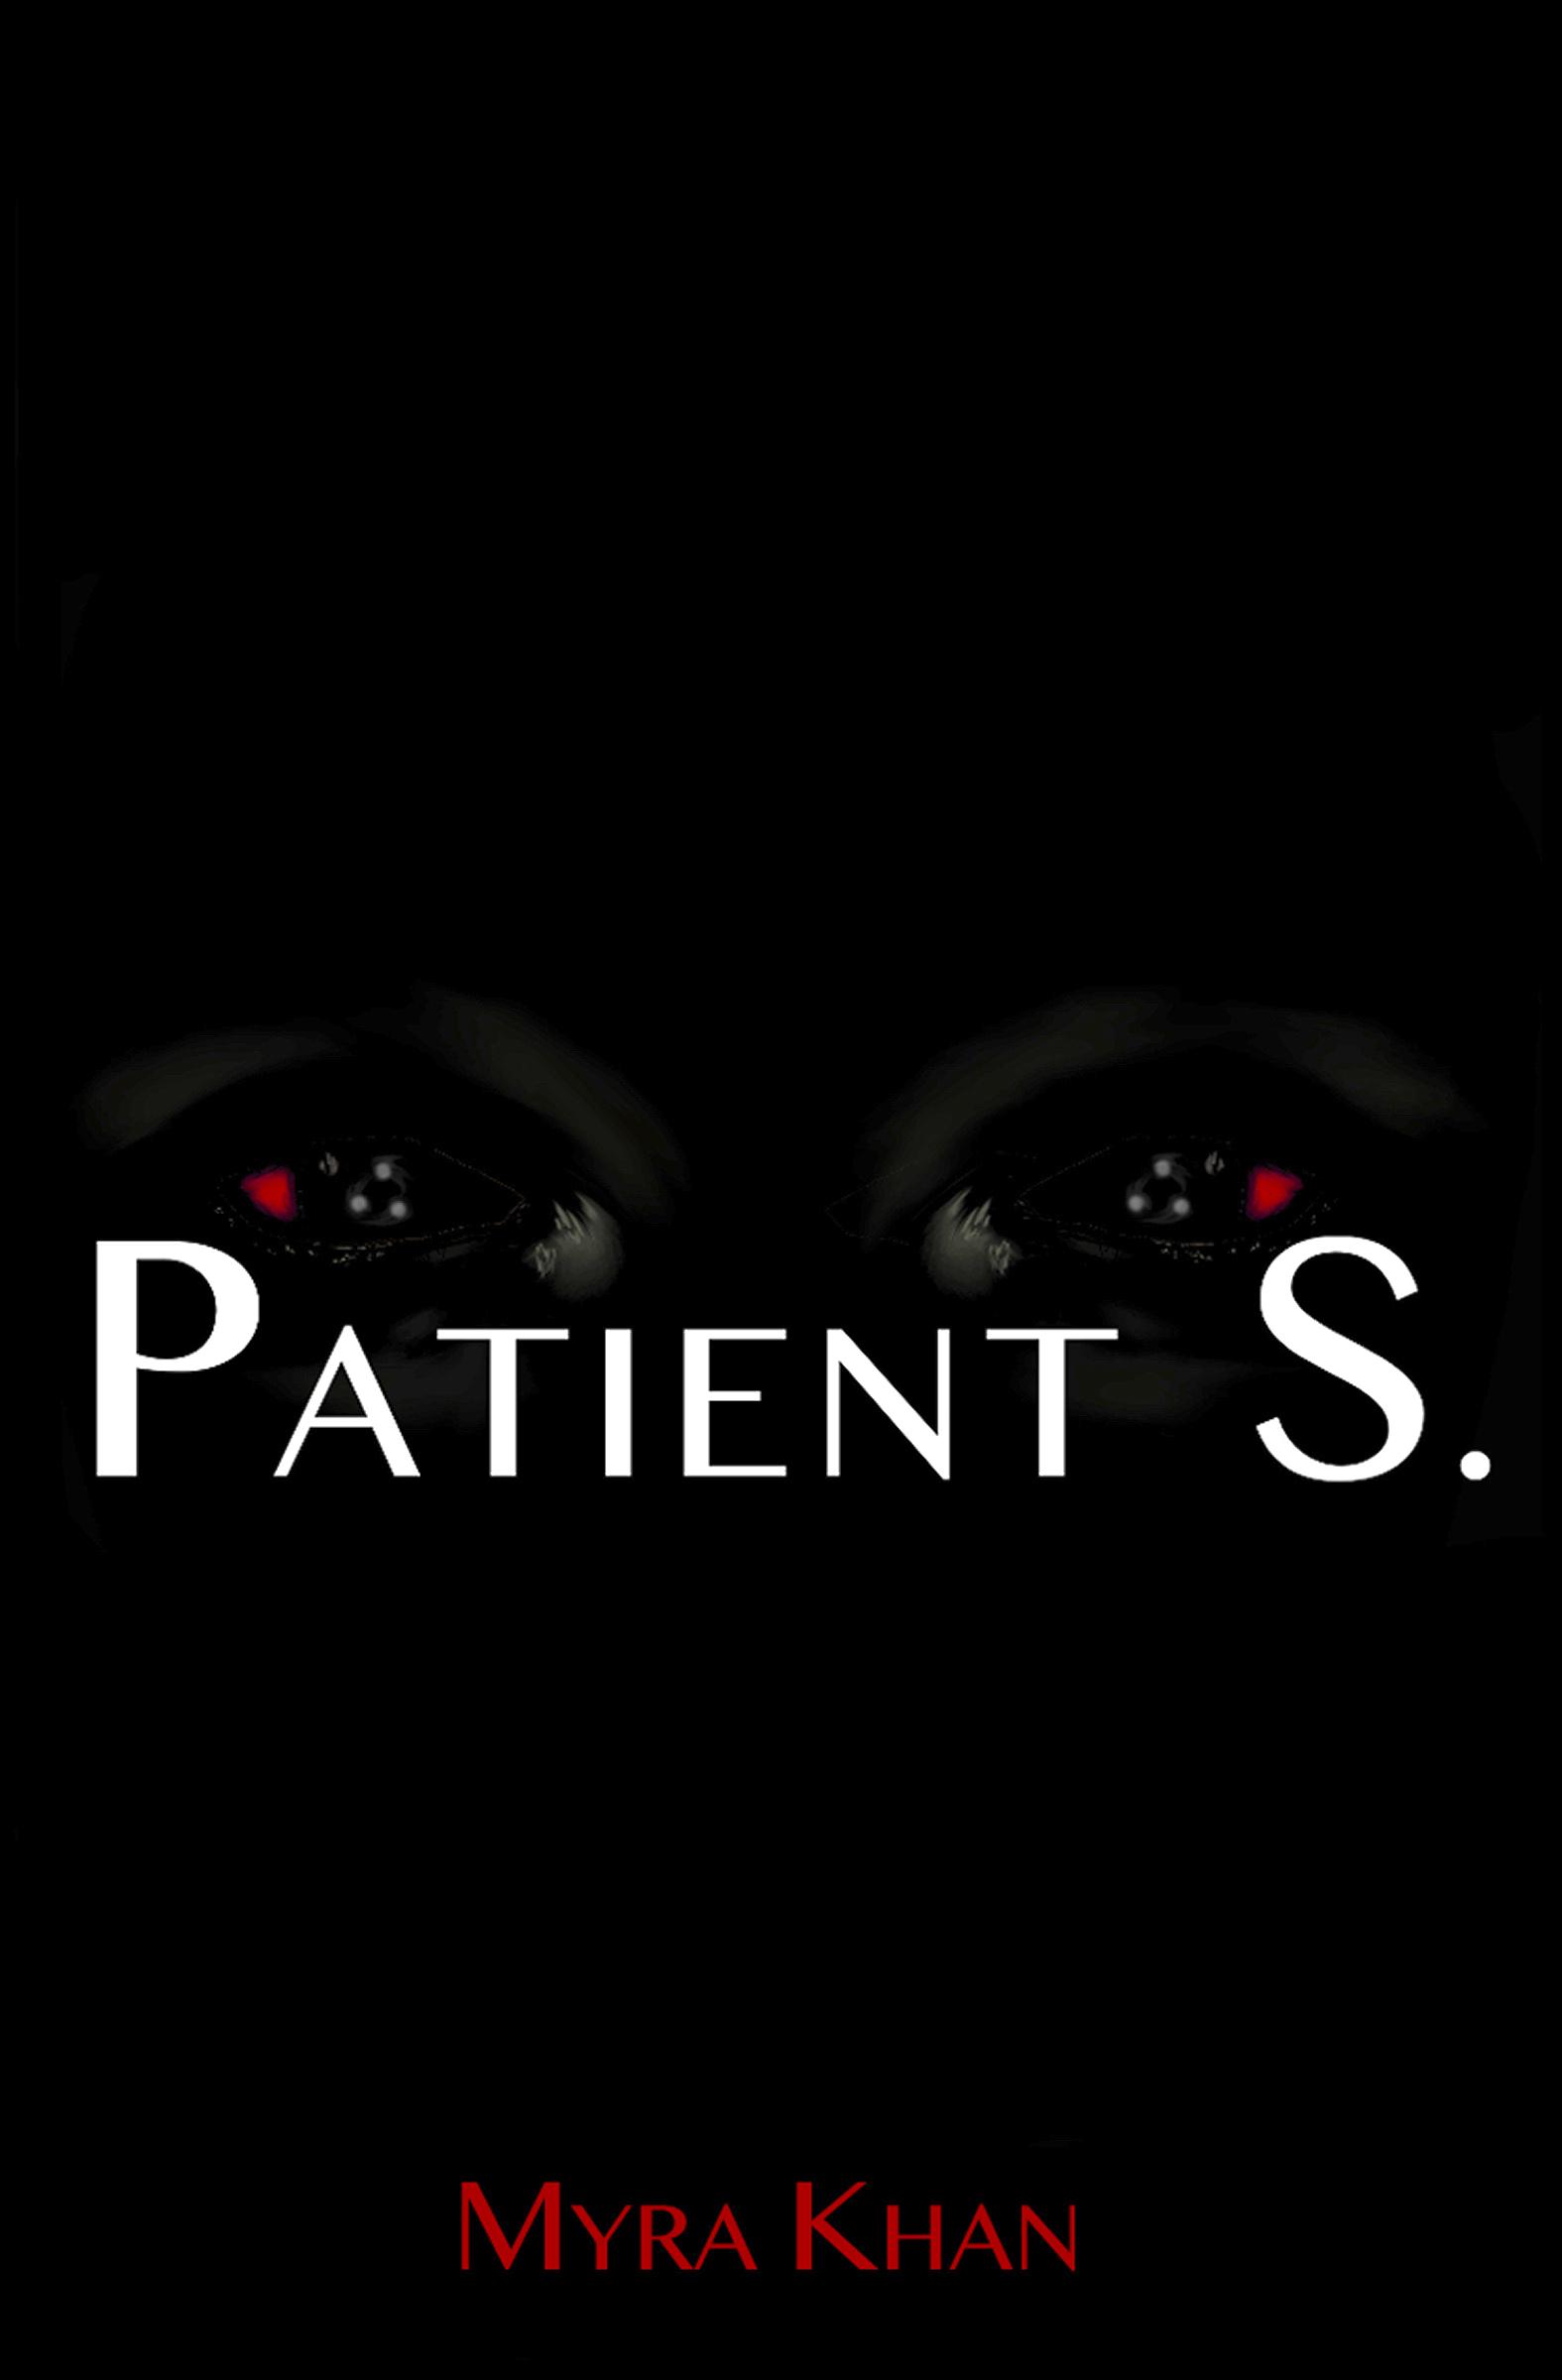 Patient S.'s Ebook Image